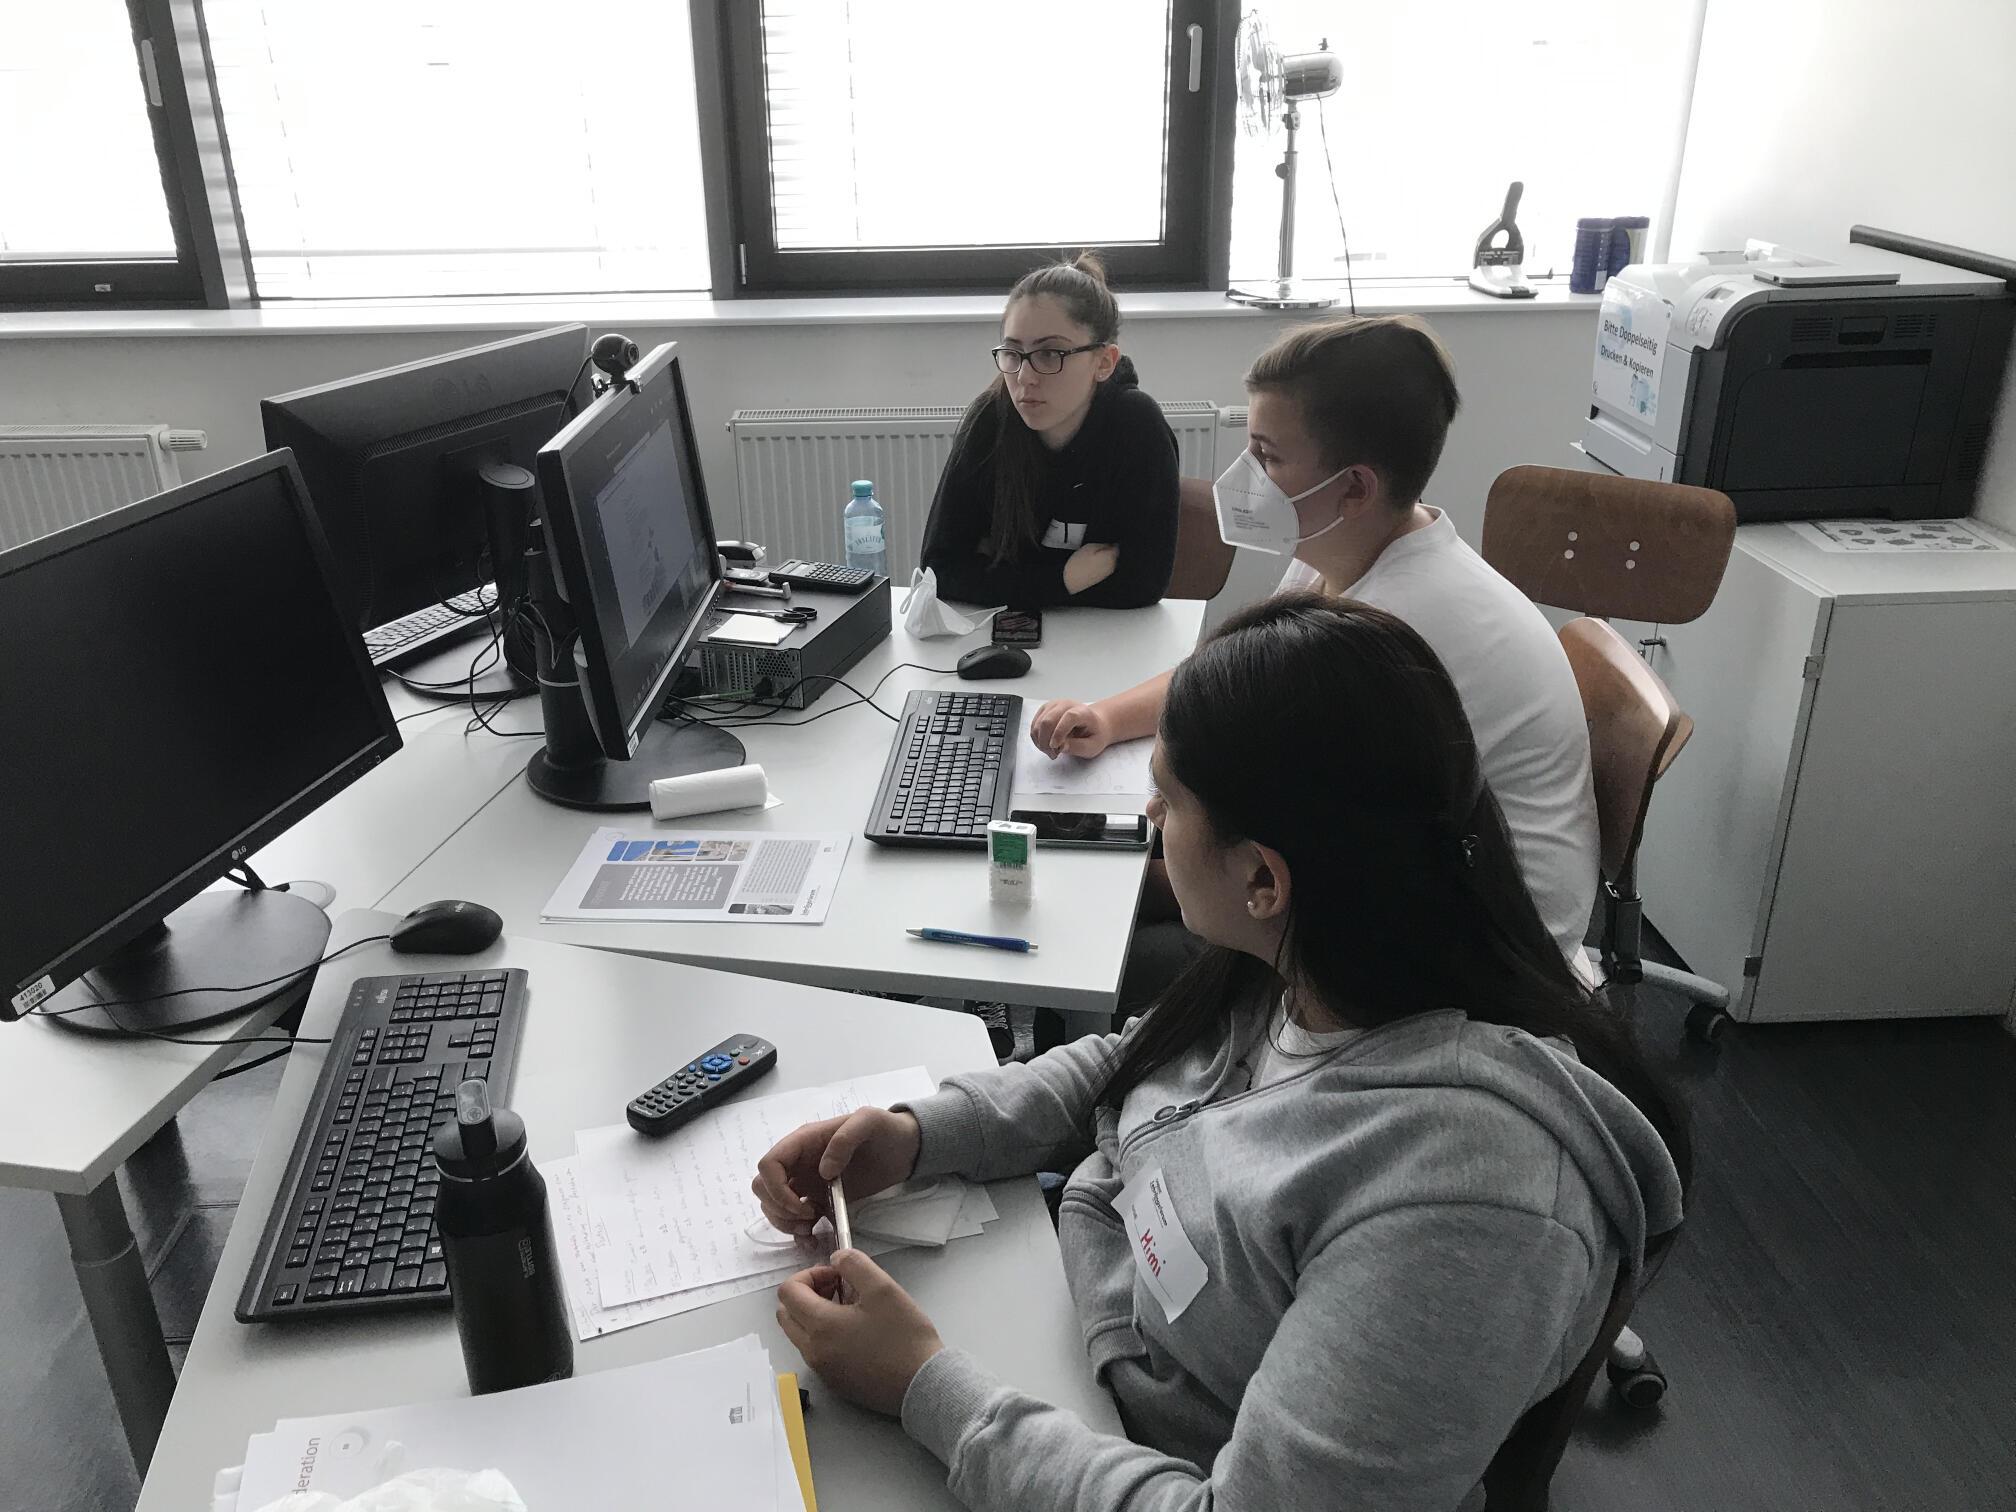 Drei Lehrlinge sitzen an einem Tisch und arbeiten am Computer